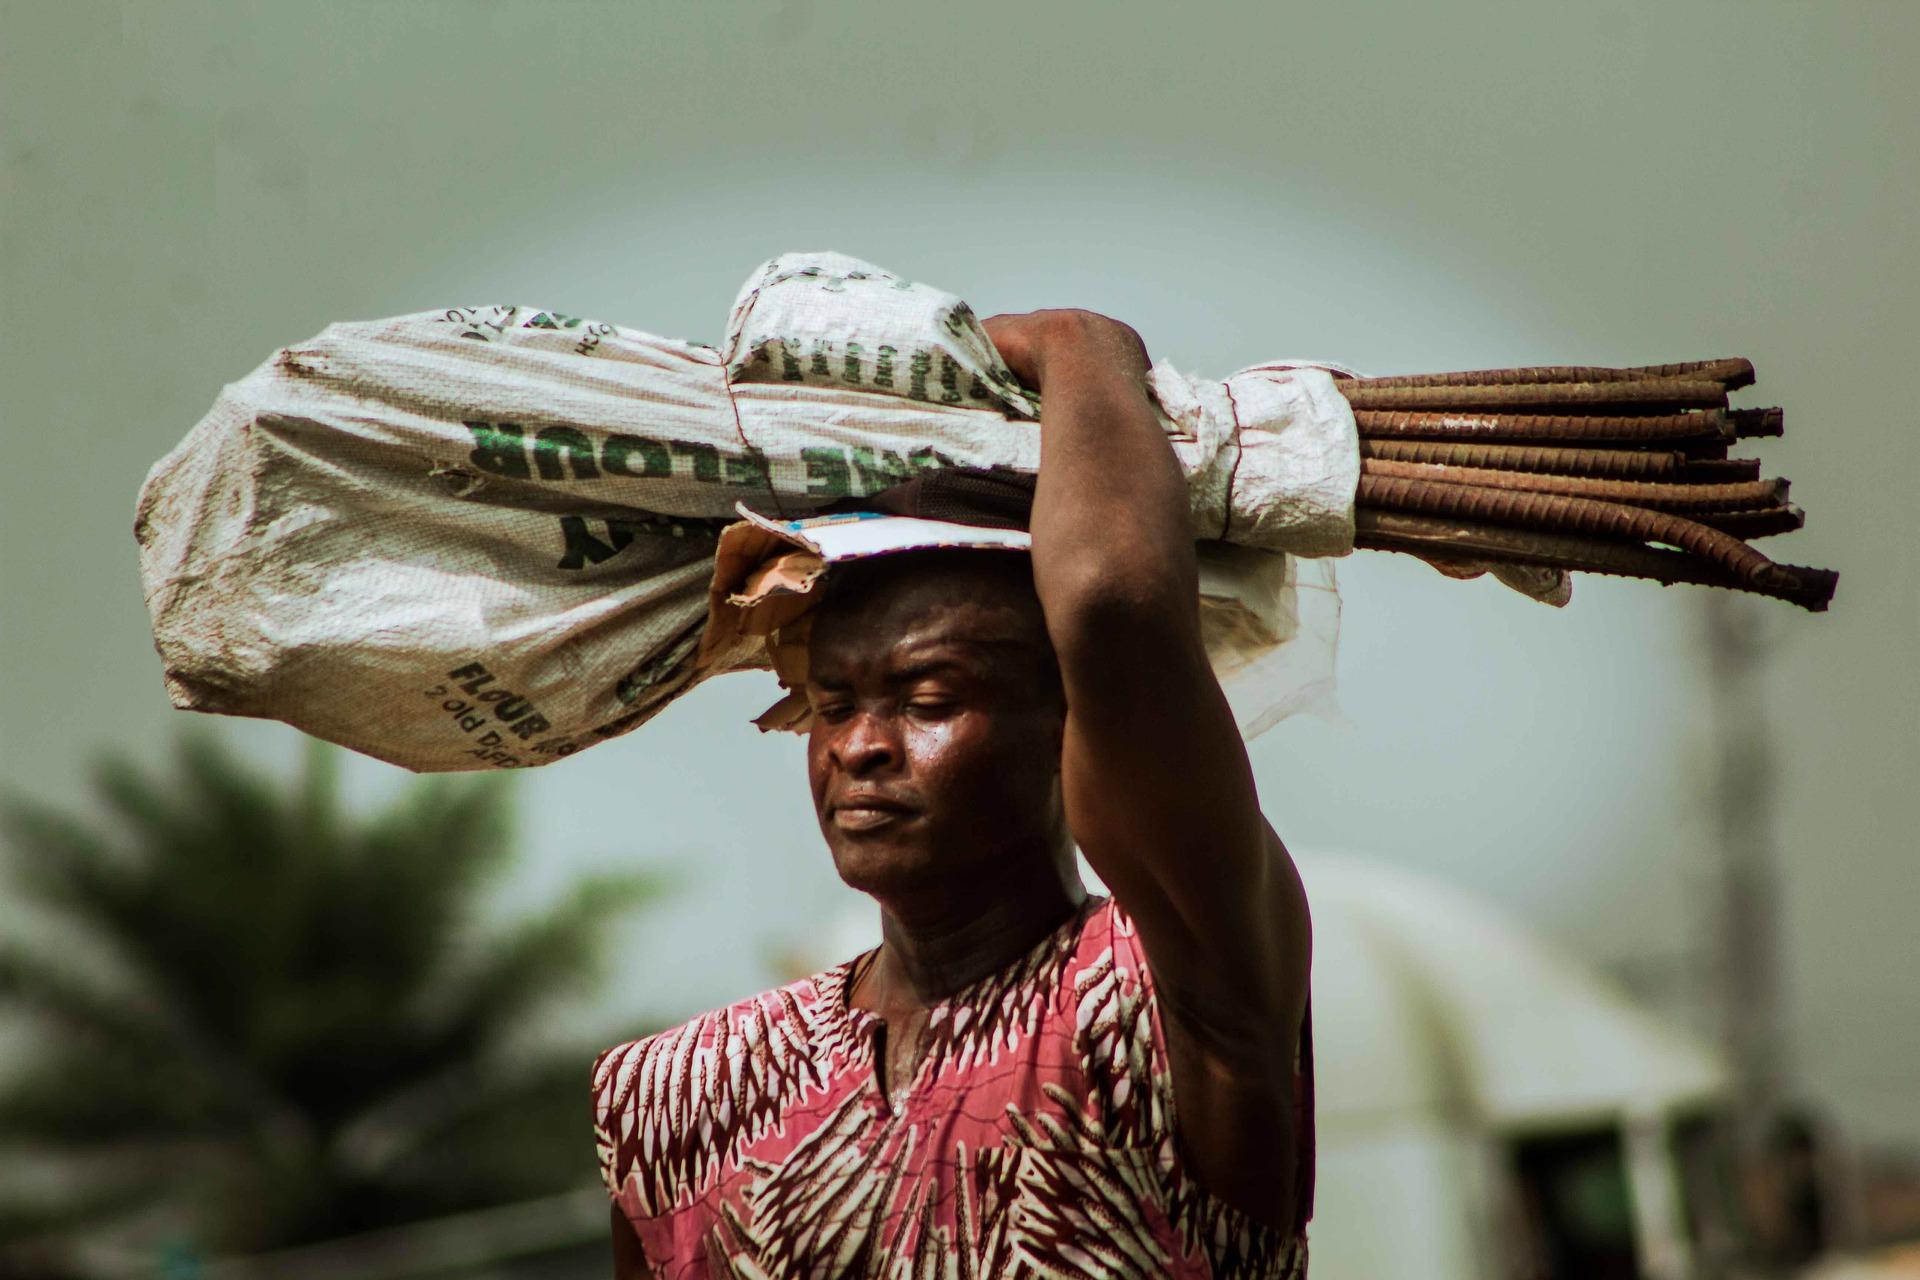 Grundrecht auf Beschäftigung und erschwingliche Grundnahrungsmittel in Afrika